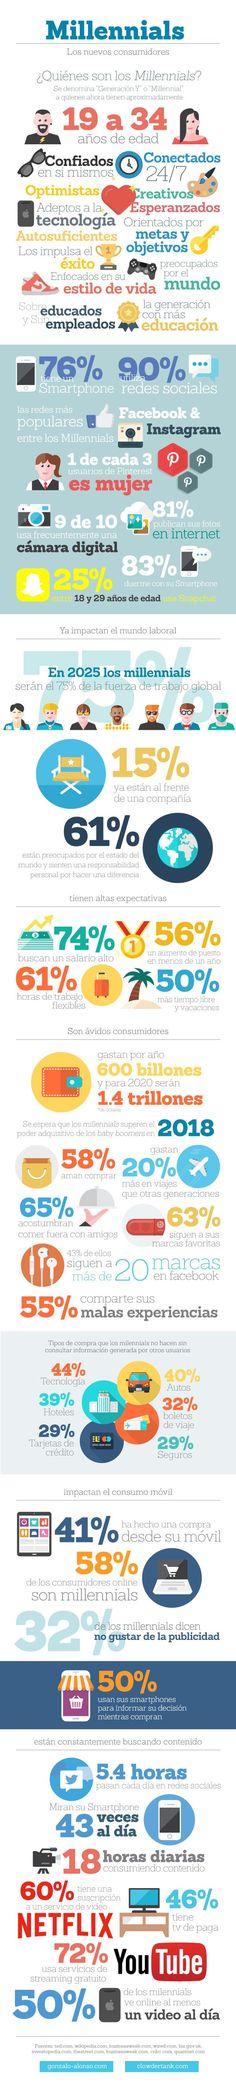 Millenials: los nuevos consumidores #infografia #infographic #marketing Clique aqui http://www.estrategiadigital.pt/ e visite agora o Blog Estratégia Digital para ver mais Táticas e Ferramentas de Marketing Digital para Internet!